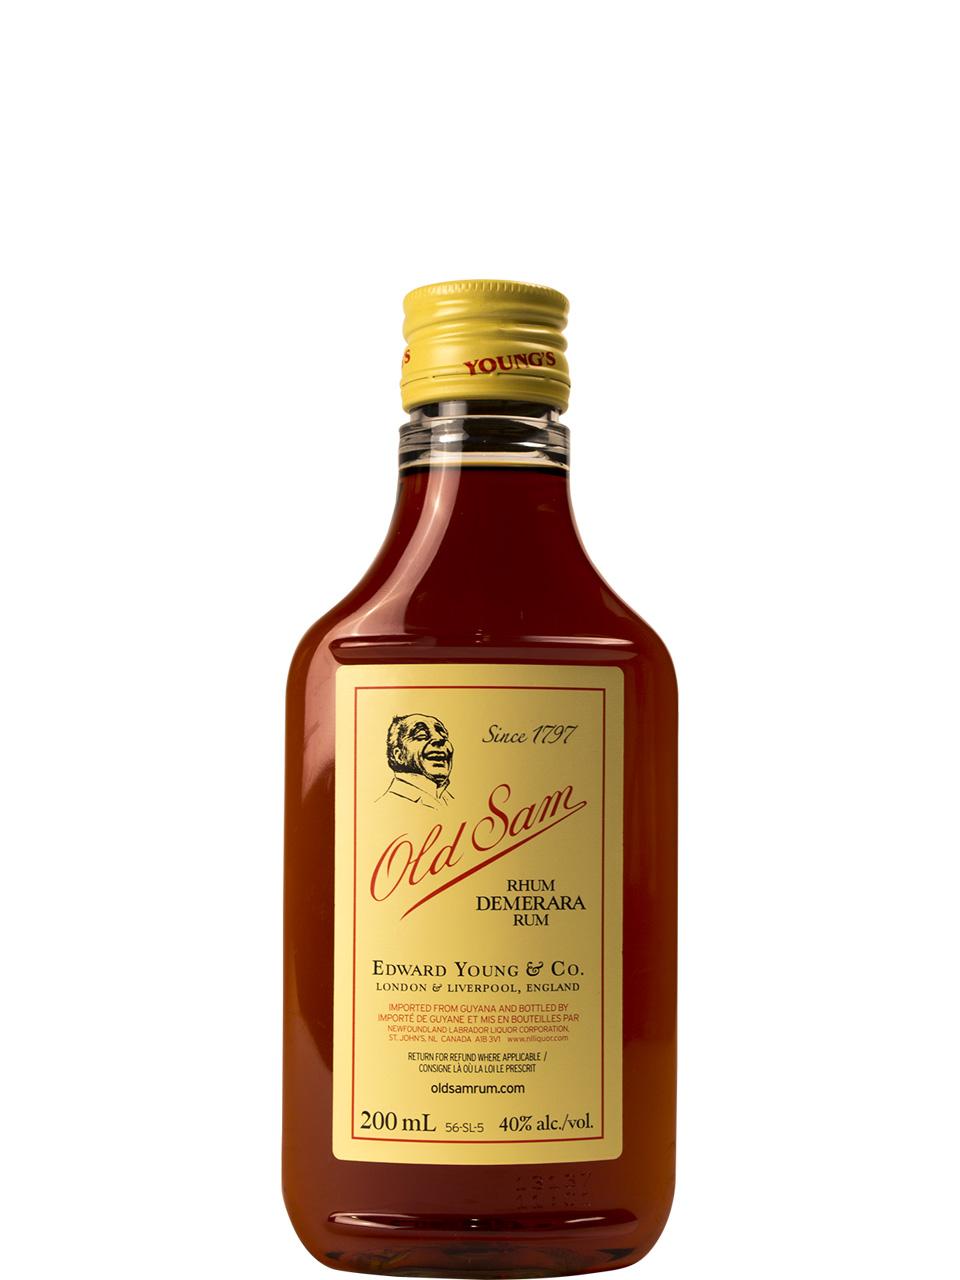 Old Sam Dark Rum